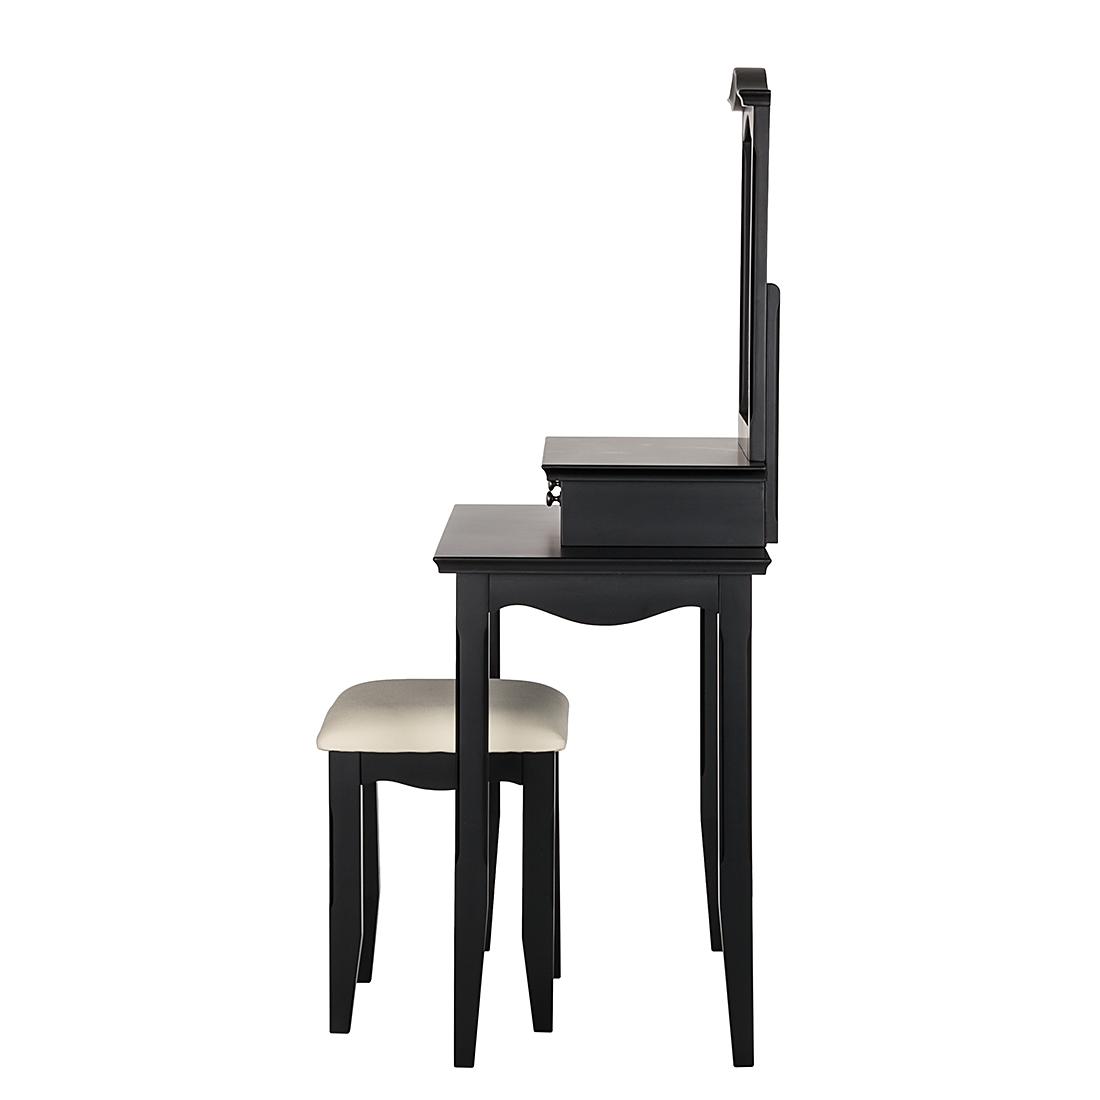 schminktisch inkl hocker akazie schwarz frisiertisch. Black Bedroom Furniture Sets. Home Design Ideas